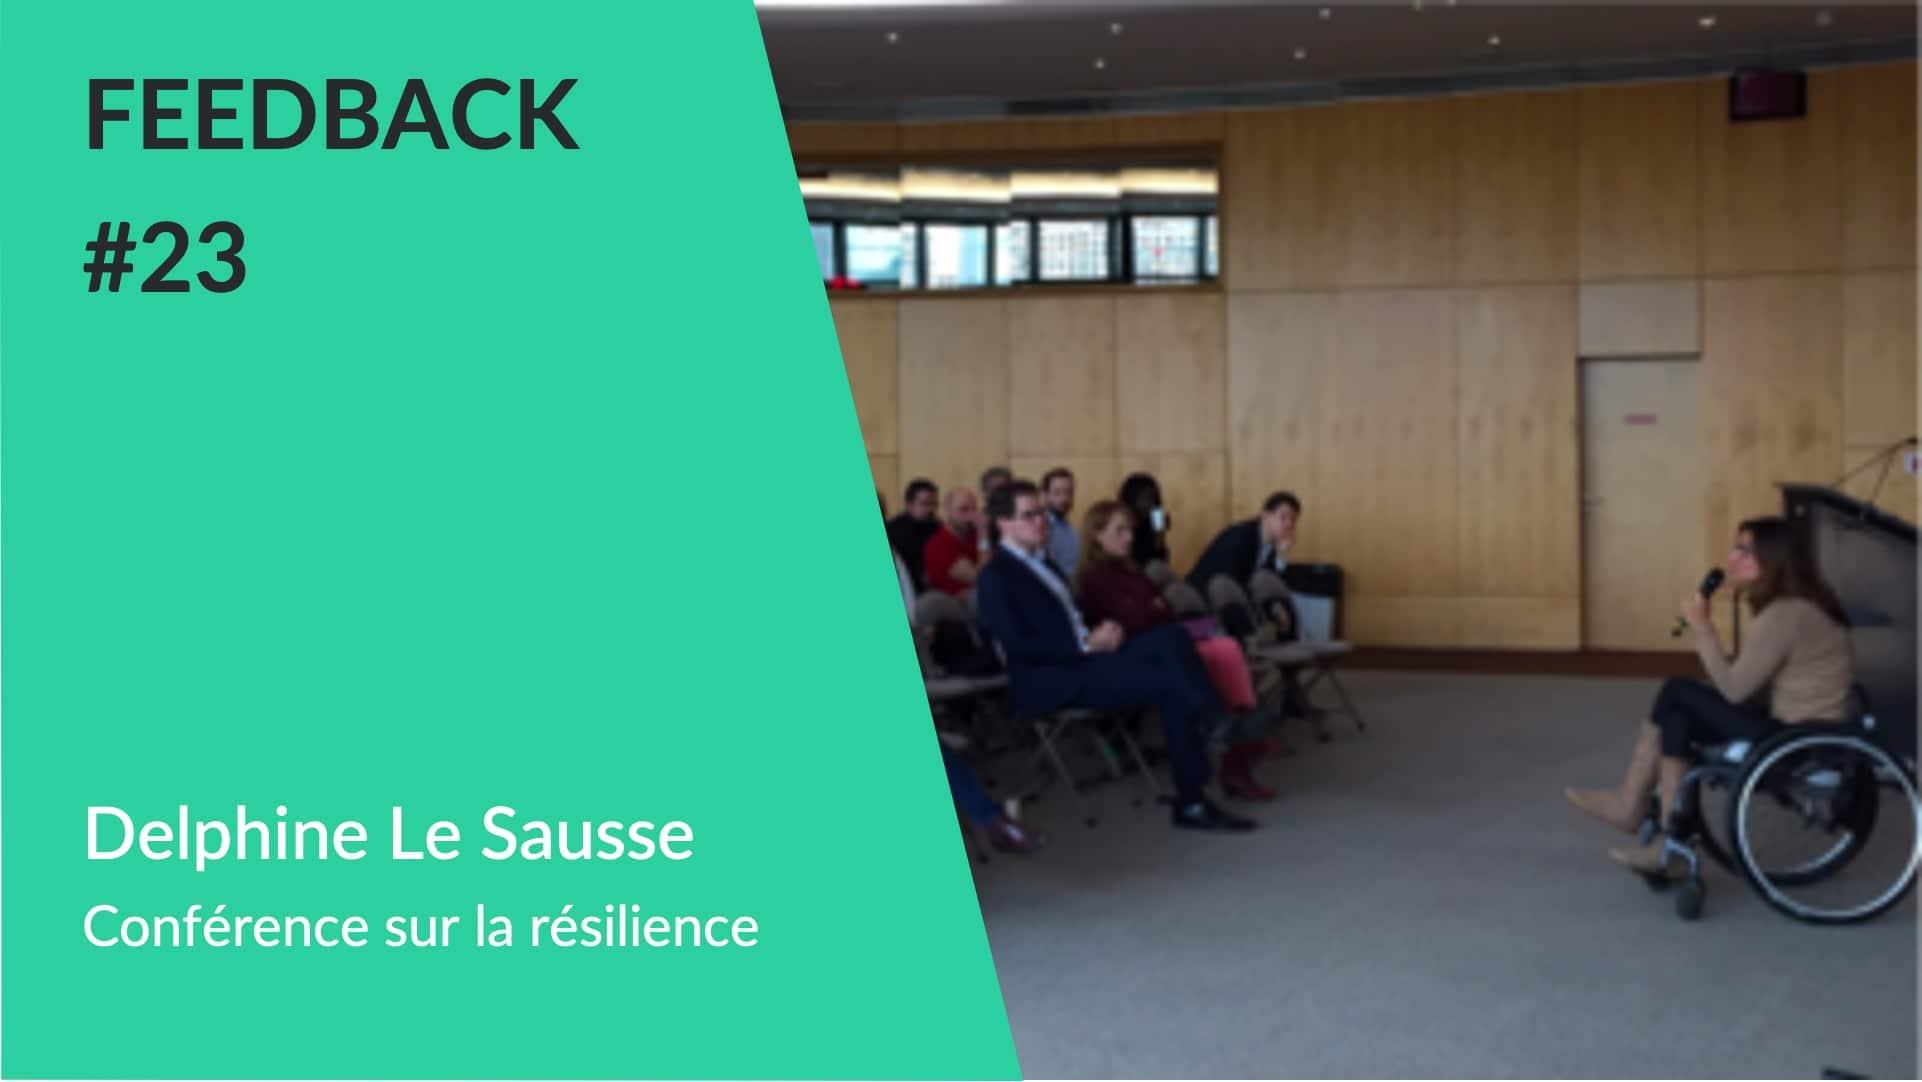 Feedback - Conférence Delphine Le Sausse résilience